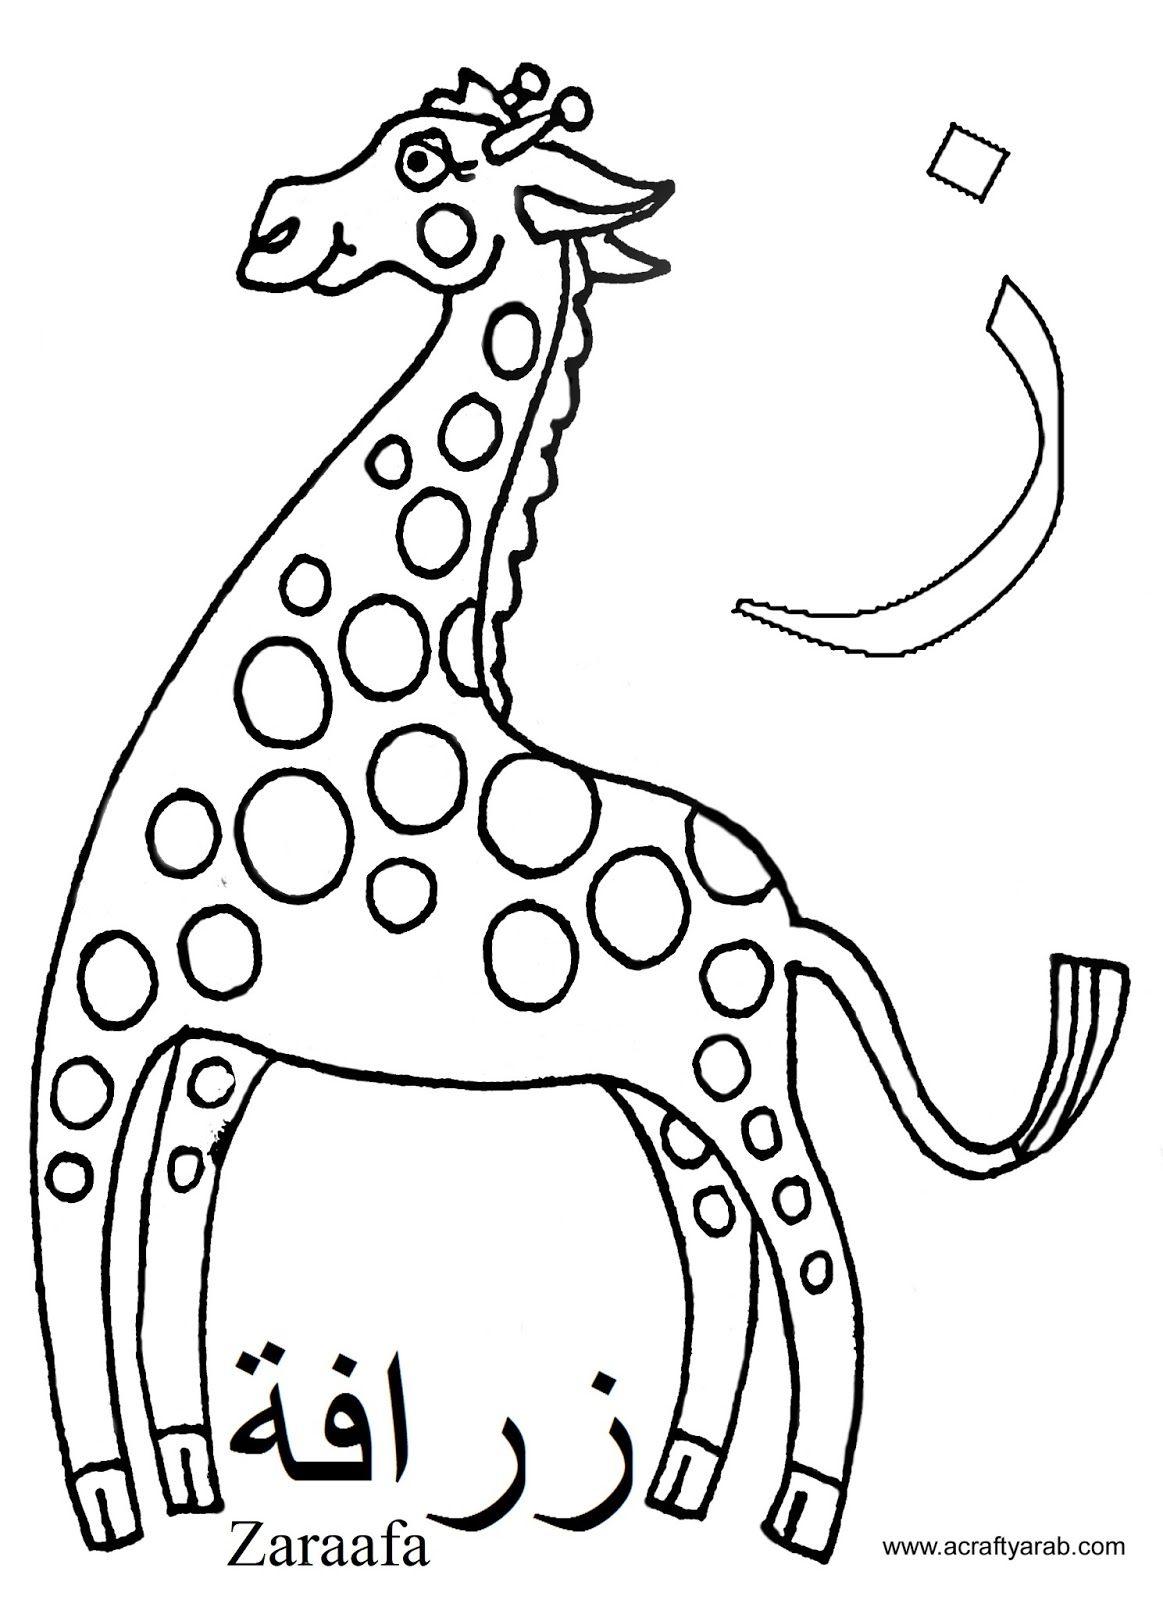 A Crafty Arab Arabic Alphabet Coloring Pages Yn Is